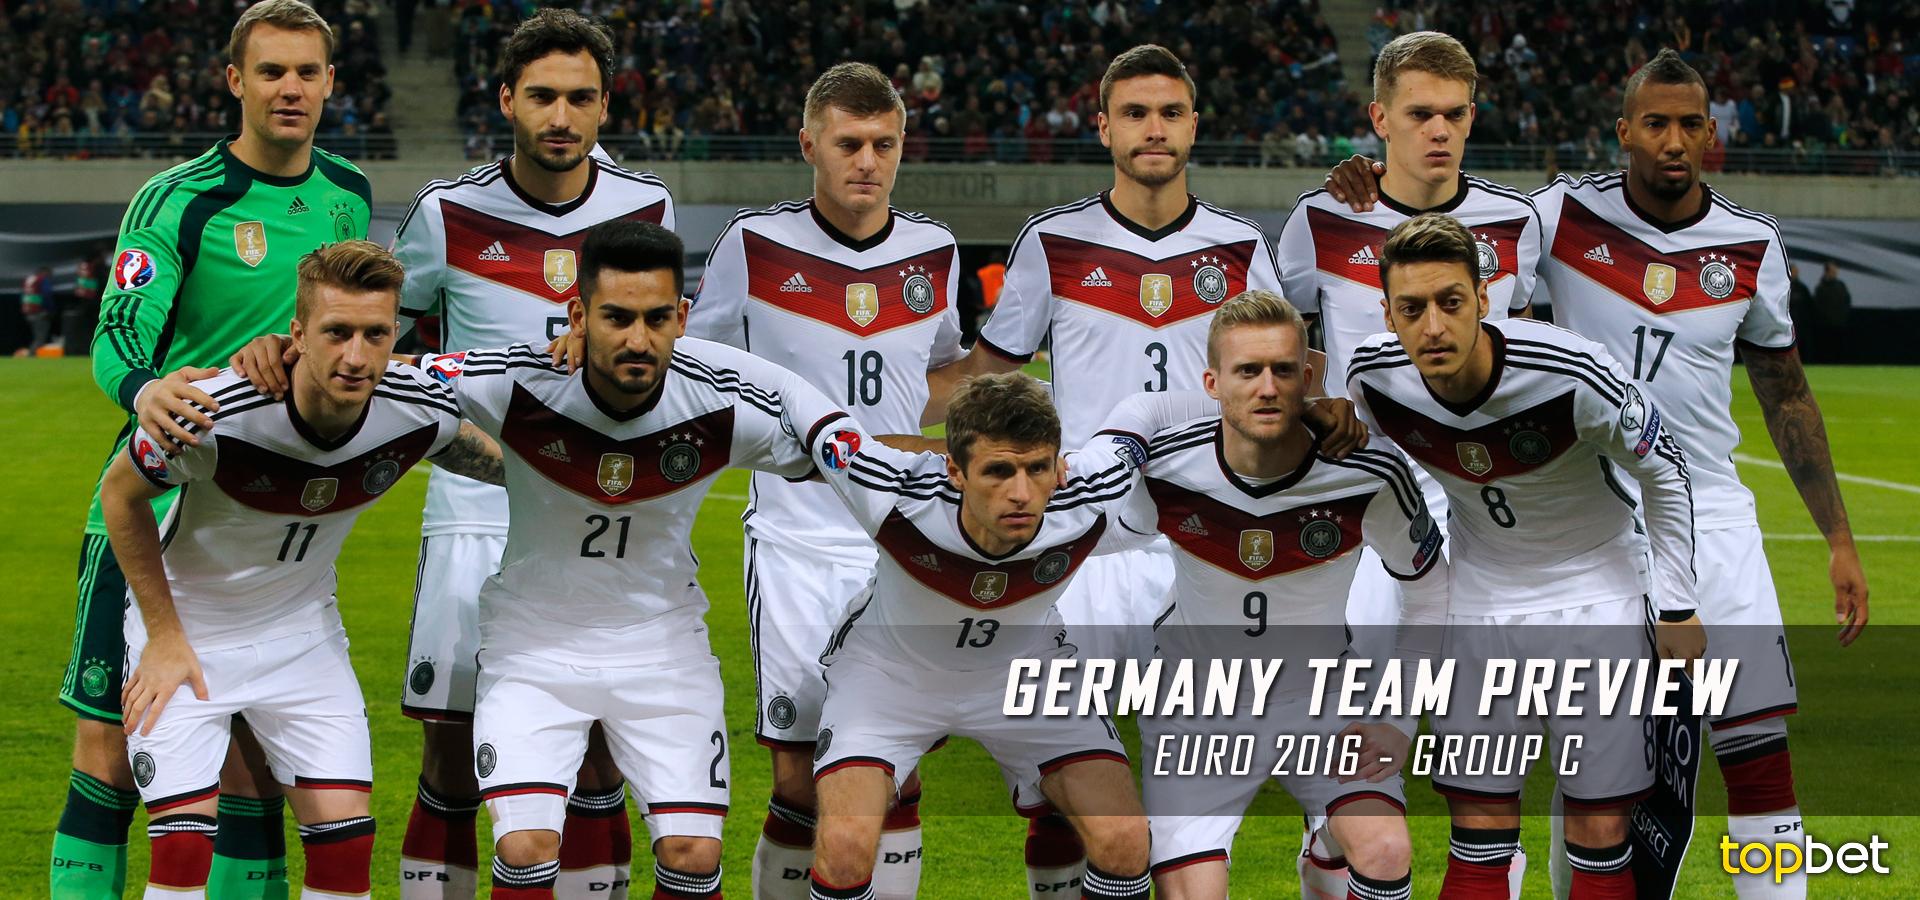 Uefa Deutschland